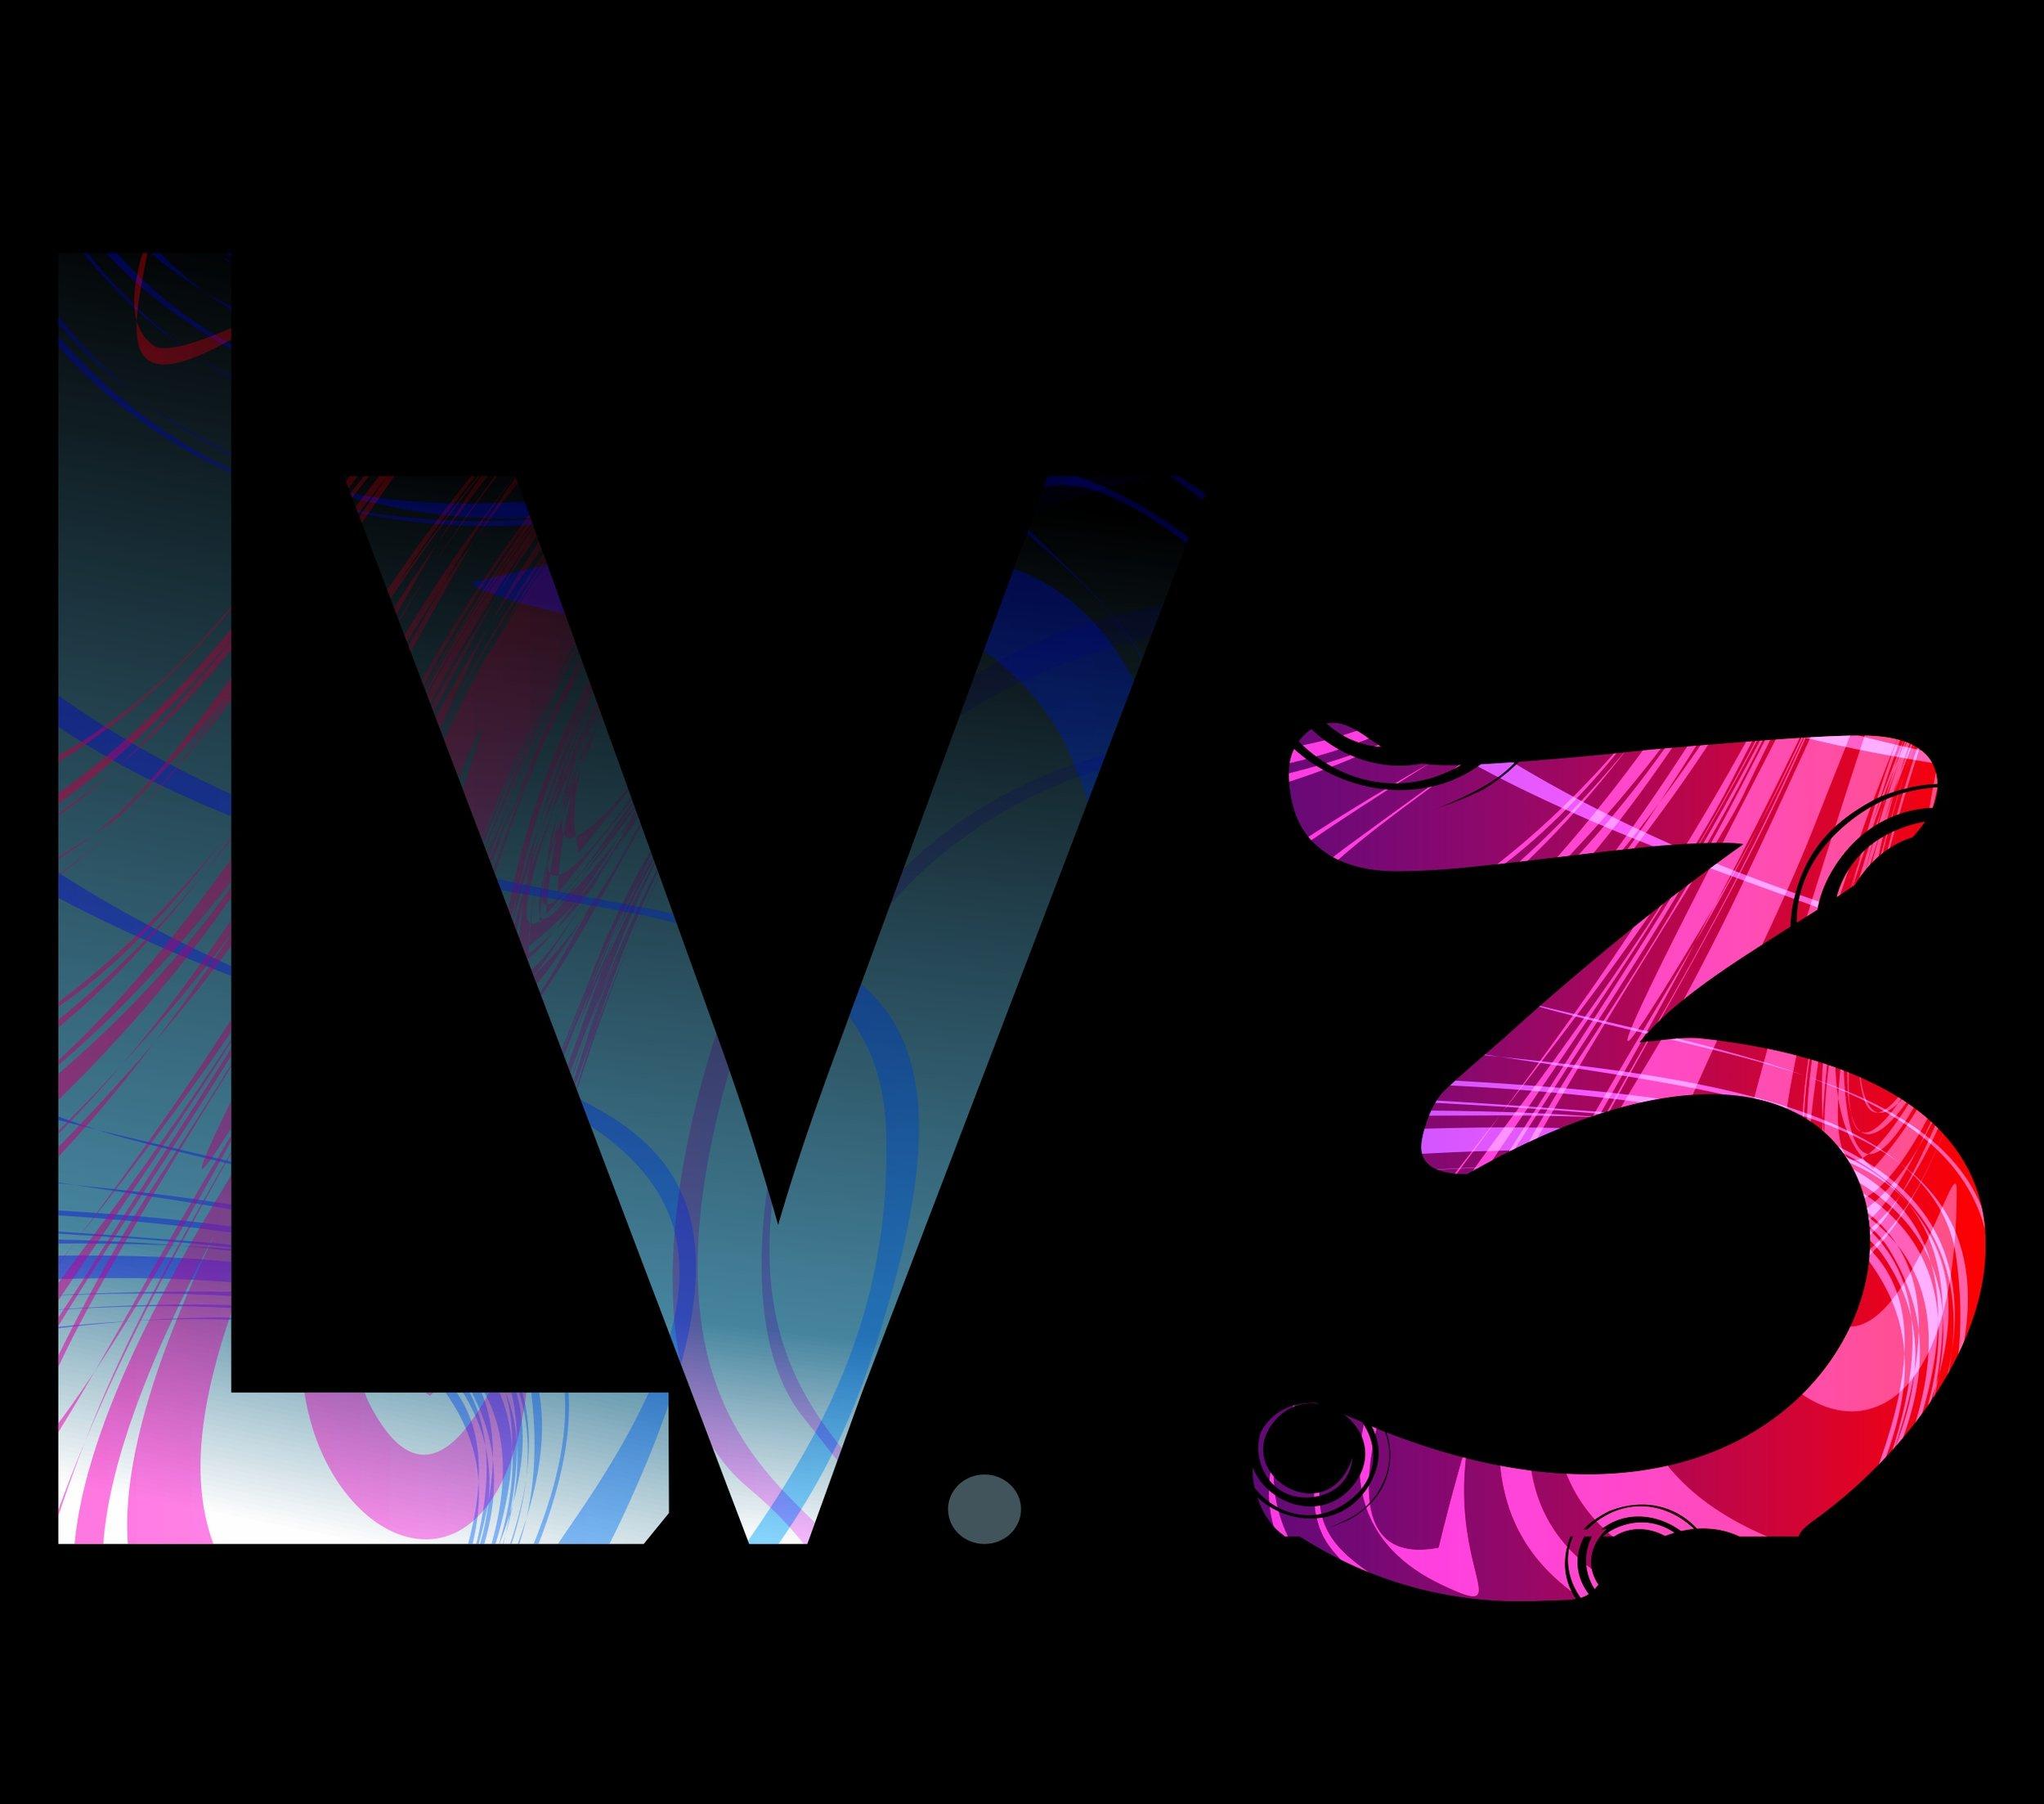 Lv. 3.jpg